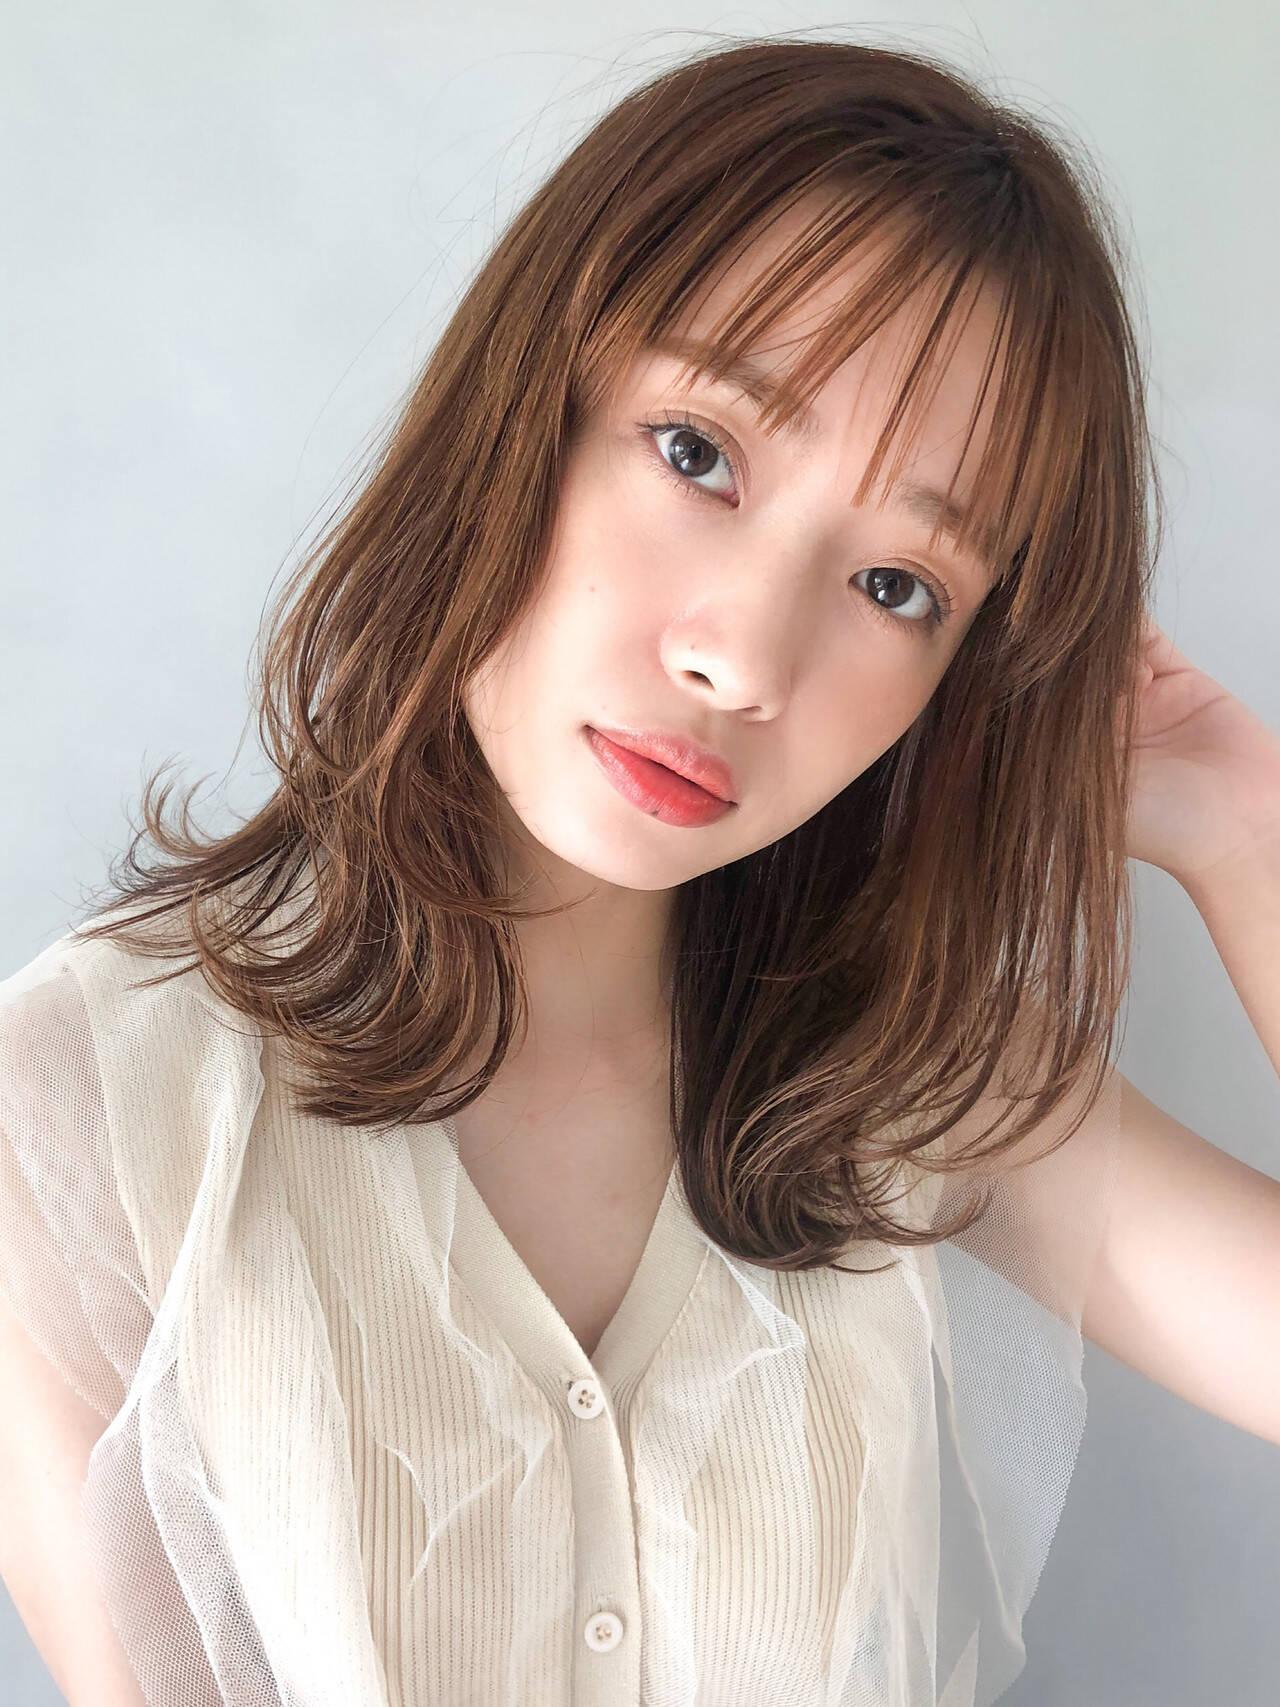 小顔ヘア ホワイトシルバー モテボブ ショートボブヘアスタイルや髪型の写真・画像